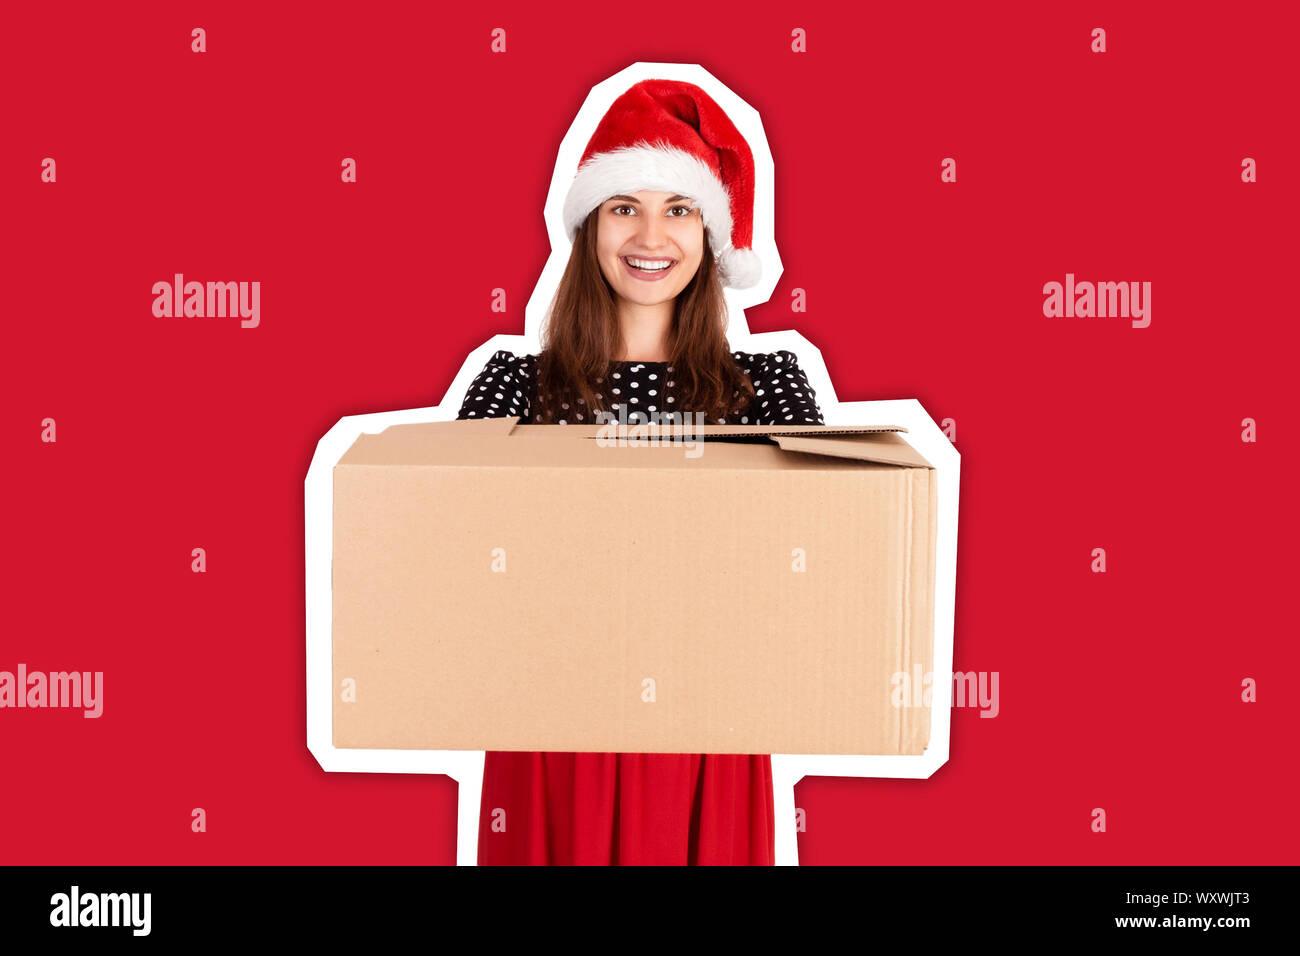 Allegro felice ragazza nel cappello di Natale dando una grande scatola di cartone presenti con nastro blu. Rivista stile collage alla moda e colore di sfondo. vacanze conce Foto Stock